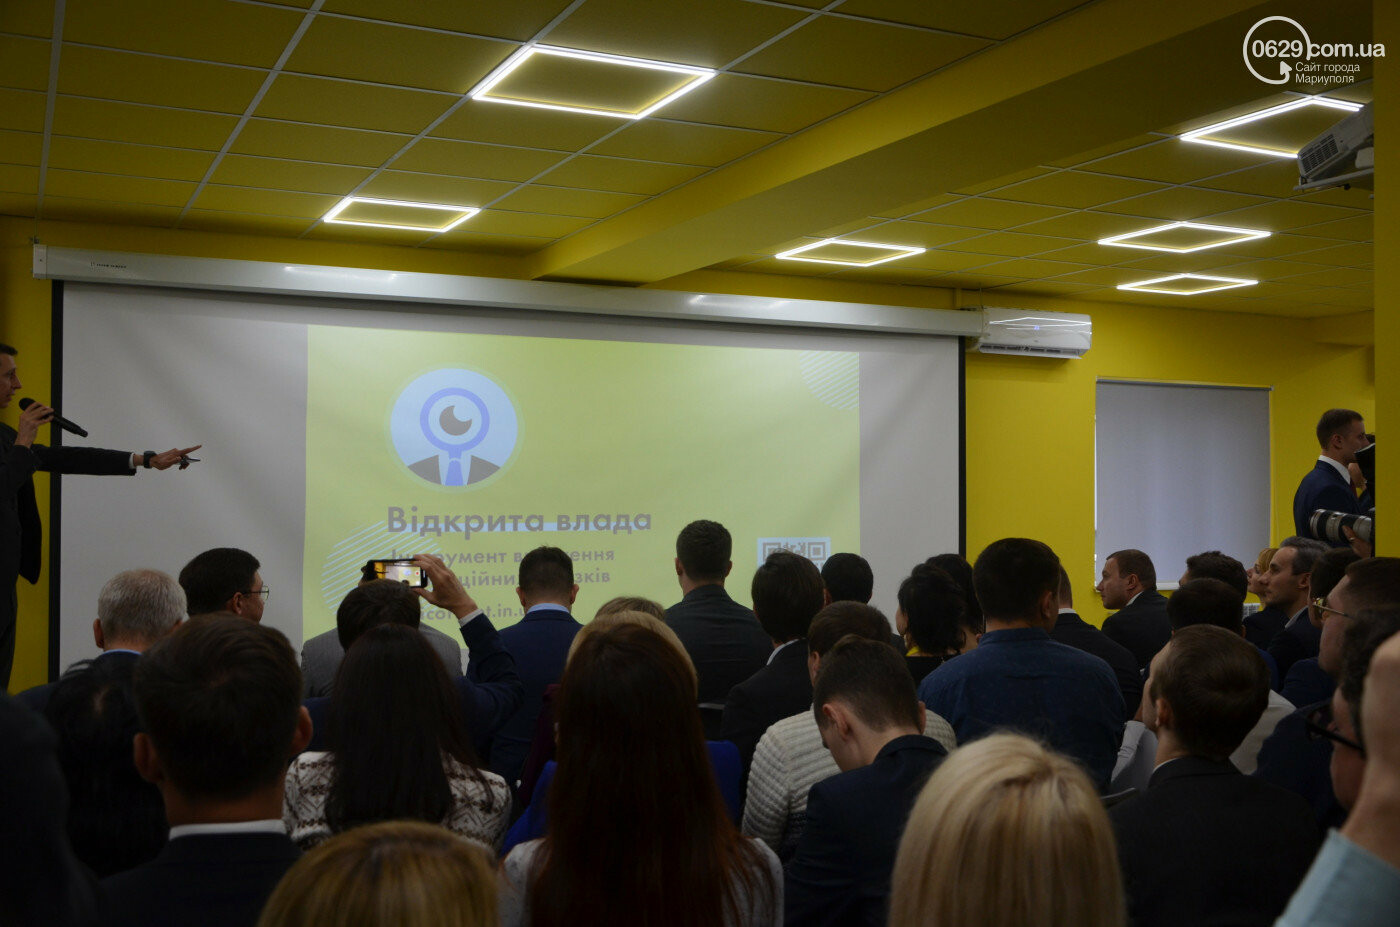 Мариупольцы презентовали 5 стартапов Президенту Украины, фото-1